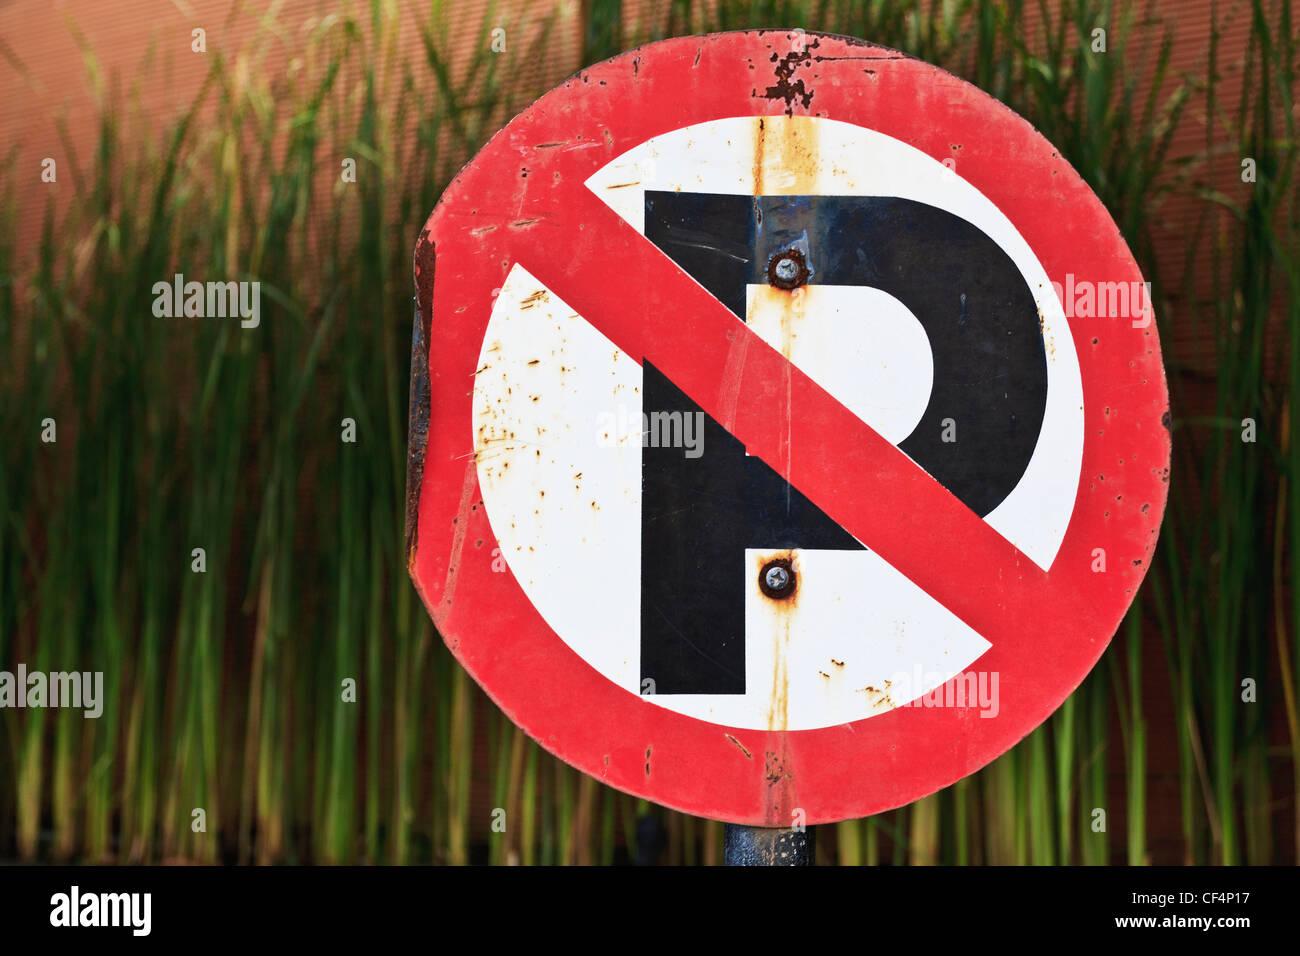 Indonesien, Bali Insel, kein Parkplatz-Schild, Nahaufnahme Stockbild